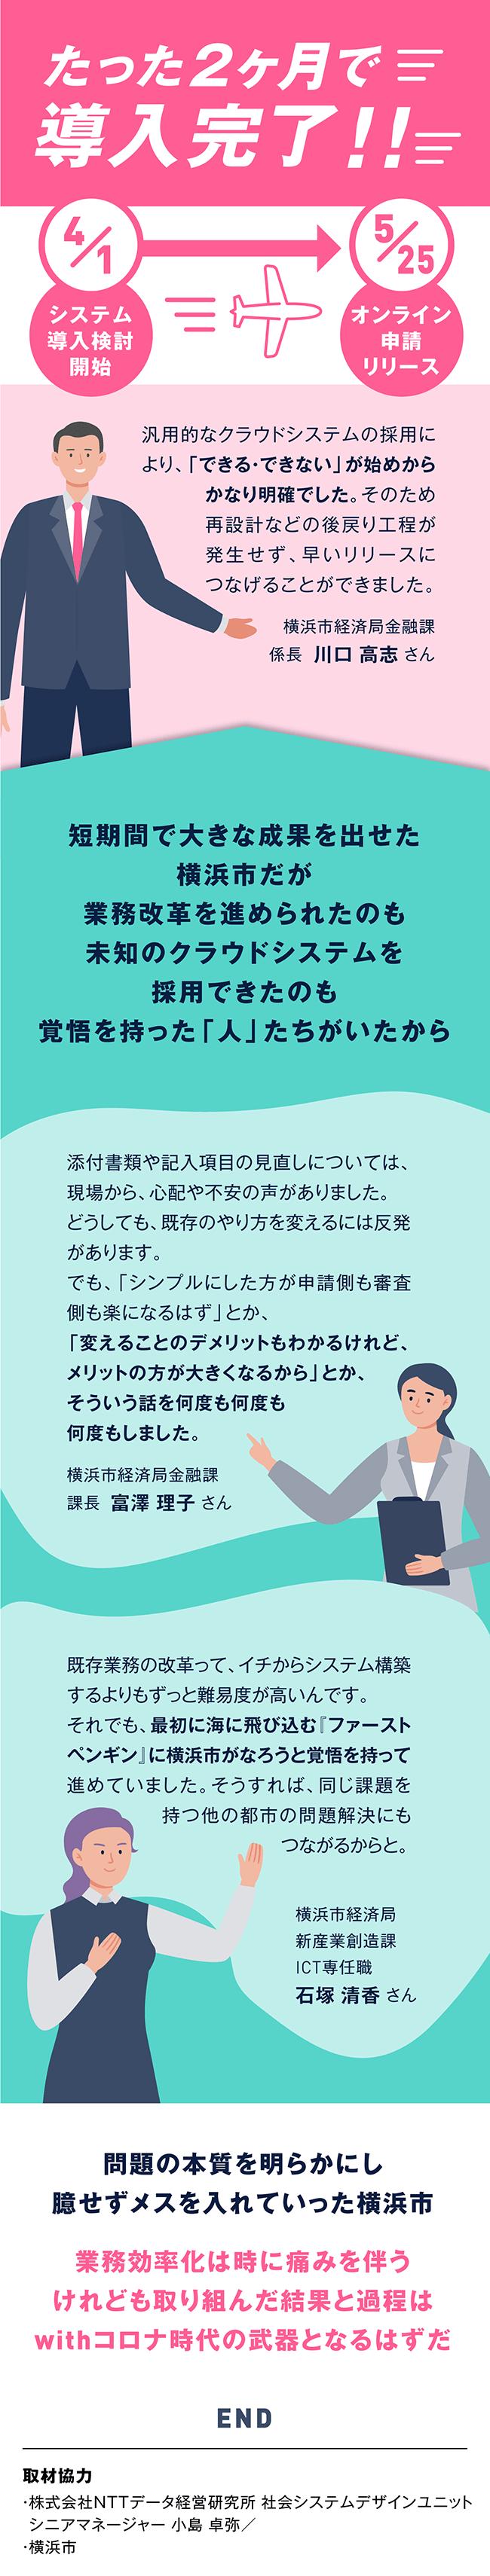 事例対応者インタビュー